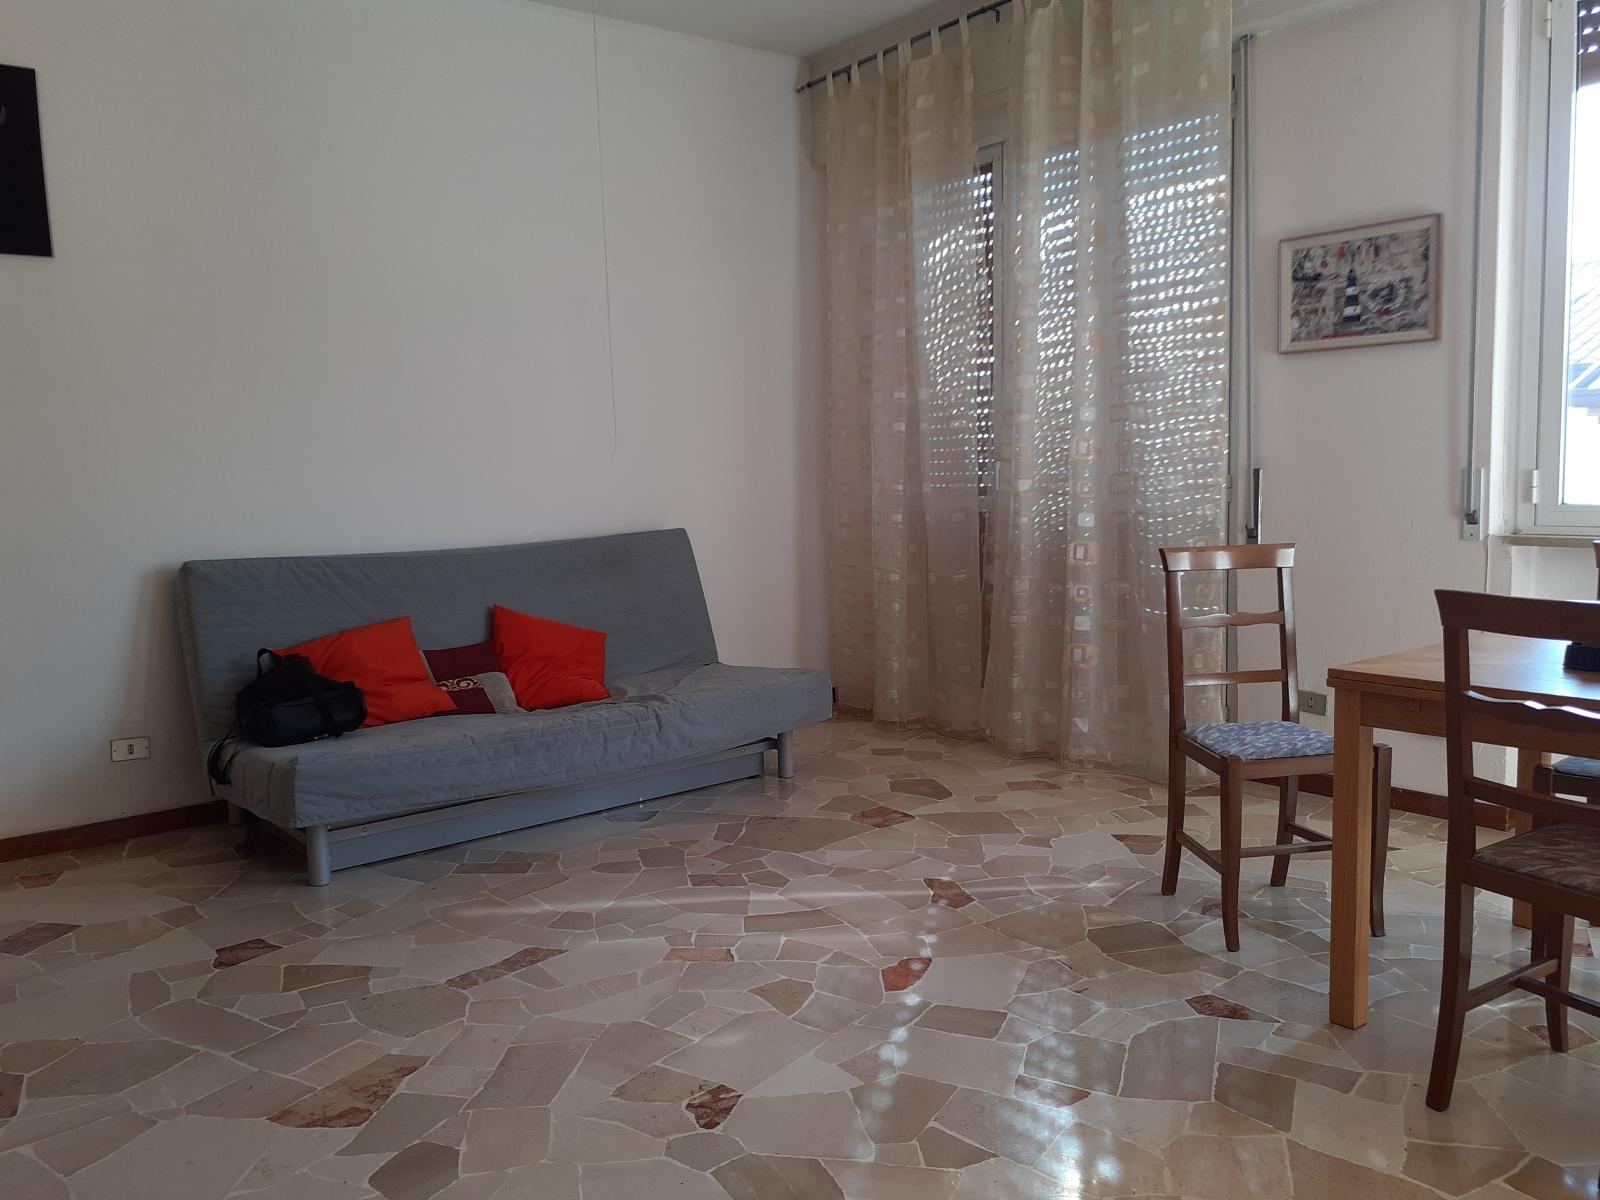 appartamento-in-vendita-a-cornaredo-milano-3-locali-trilocale-spaziourbano-immobiliare-vende-12